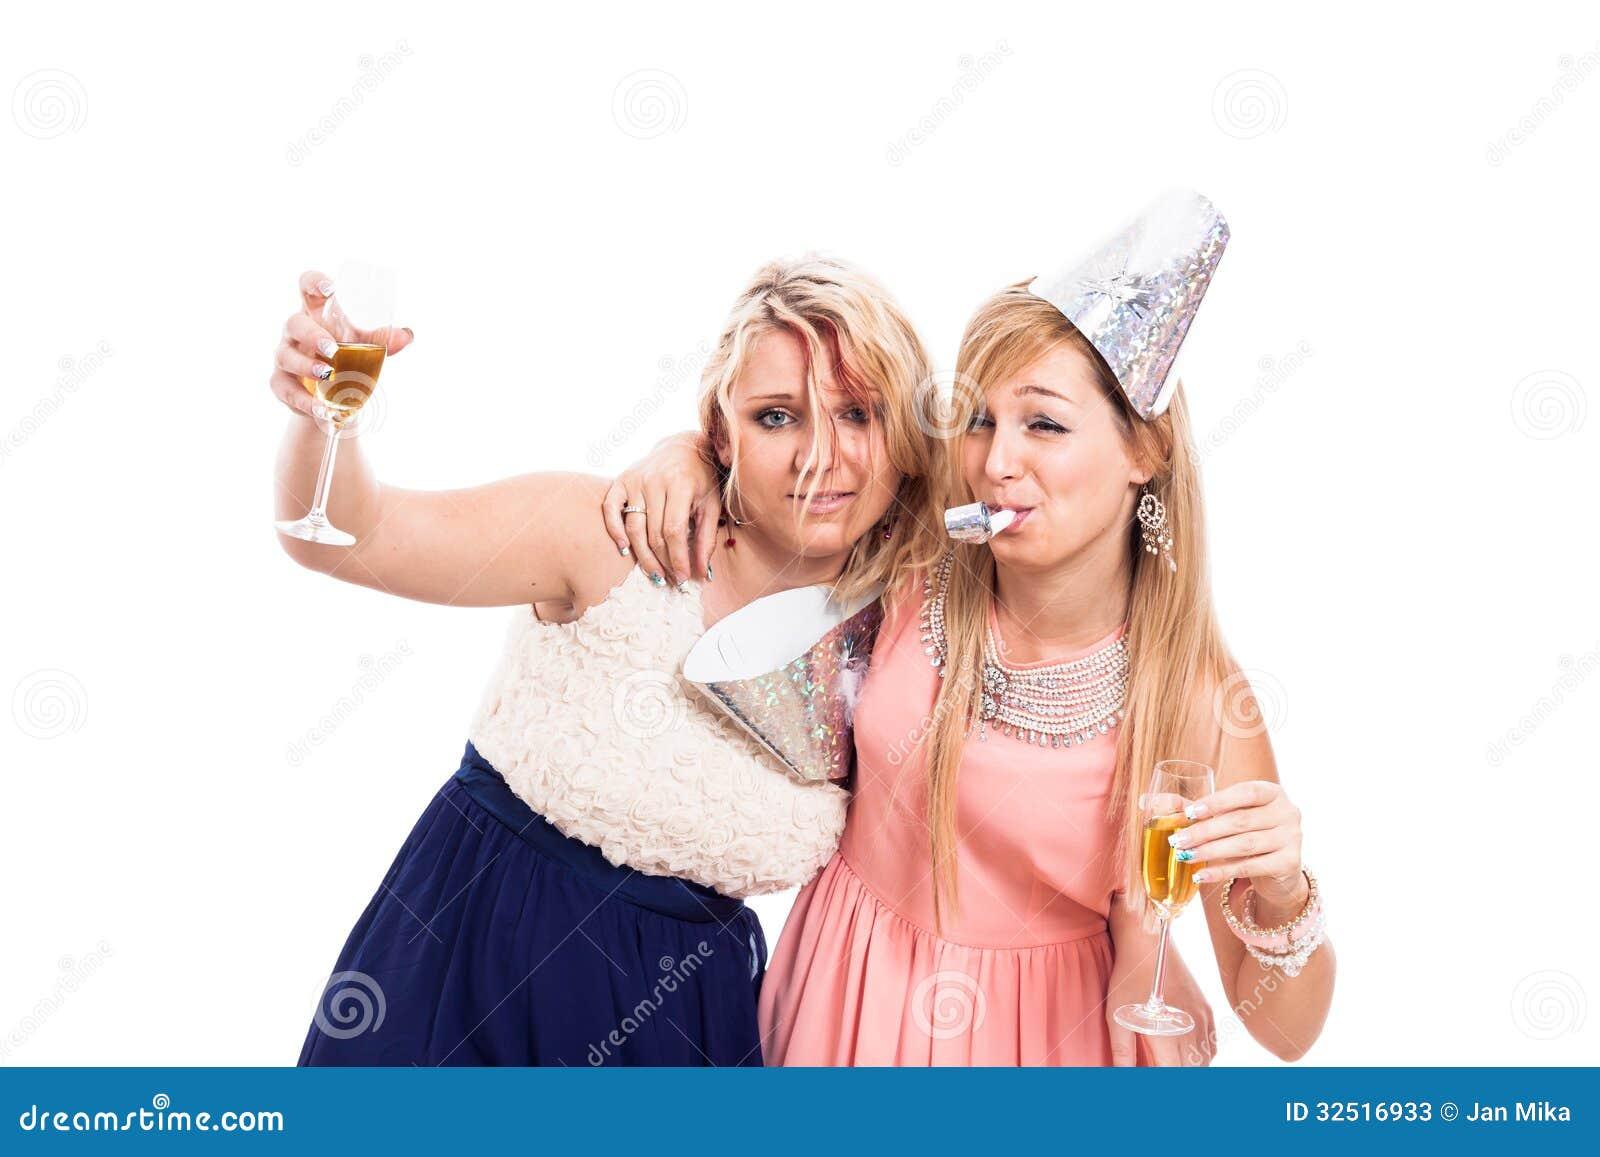 6024a229fe Dos muchachas borrachas celebran con el alcohol, aislado en el fondo blanco